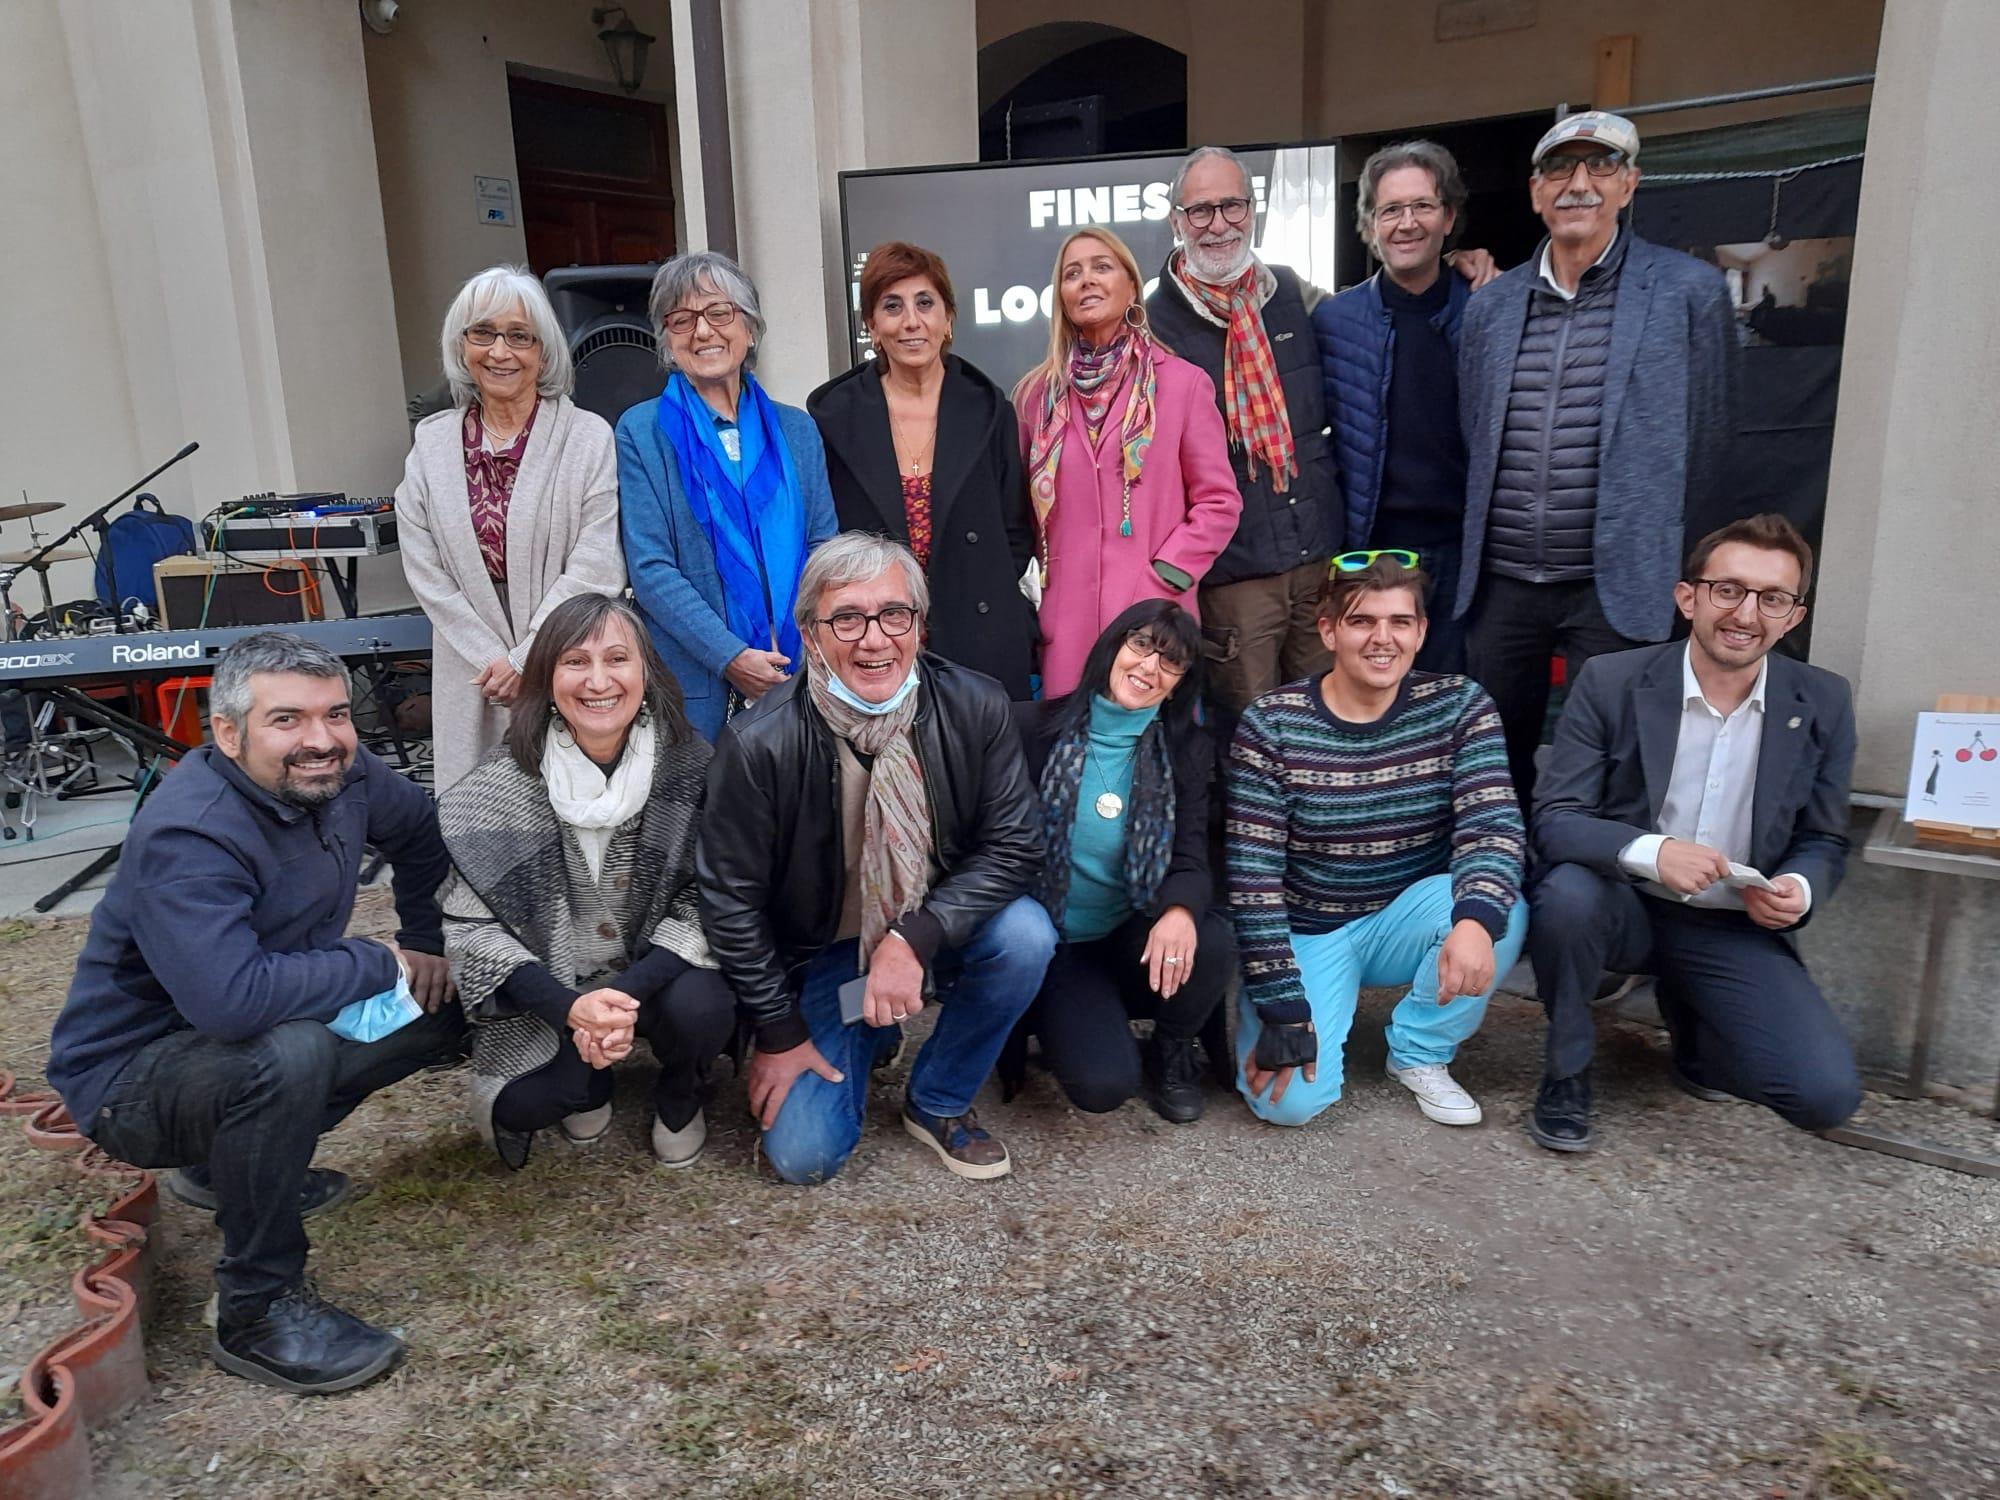 Il gruppo degli artisti e organizzatori. In basso a destra, l'assessore al turismo di Alba, Emanuele Bolla